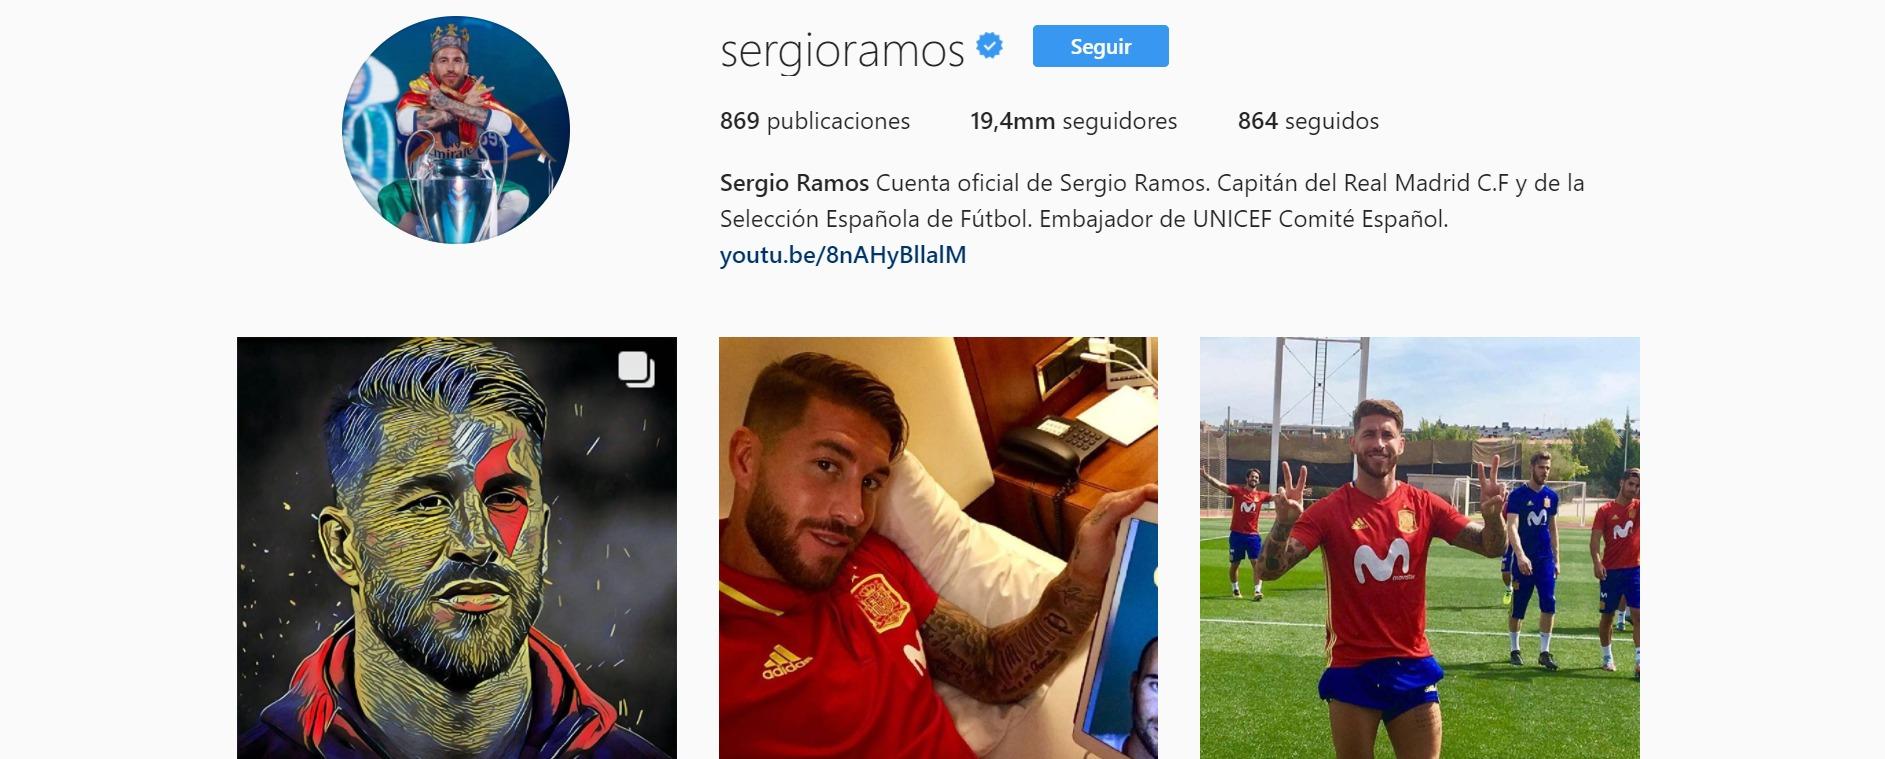 Ramos destrona a Iniesta en Instagram: el español con más seguidores de la red social